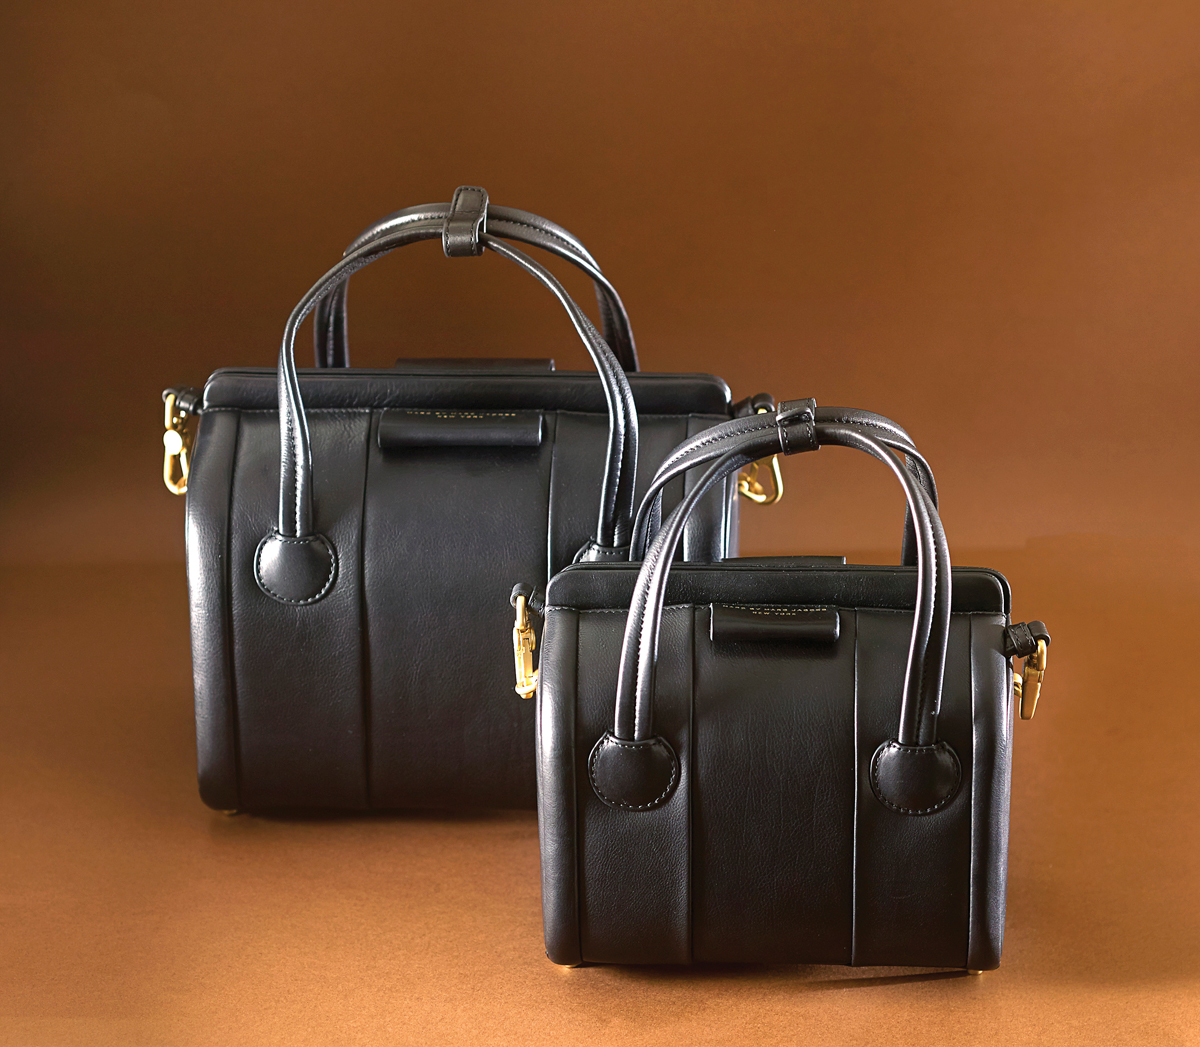 m13-accessoires-elle-sacs-a-main-marc-jacobs